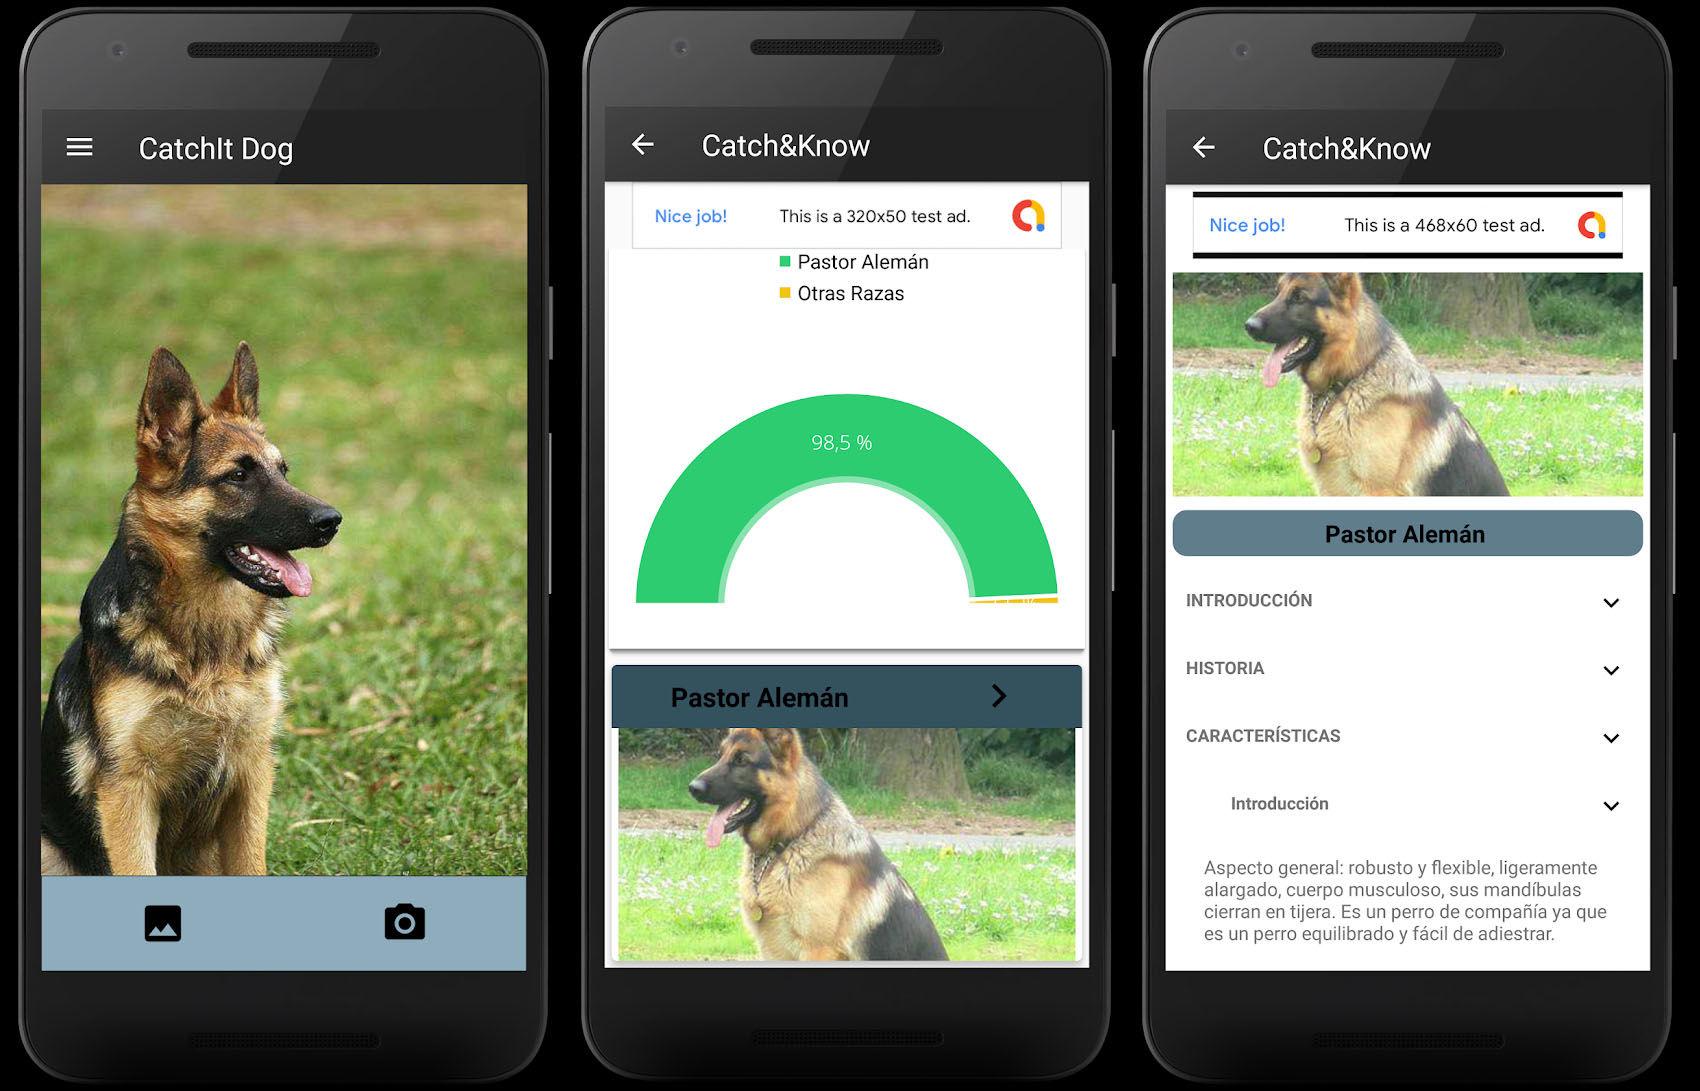 El identificador de razas de perros CatchIt es uno de los más completos y precisos